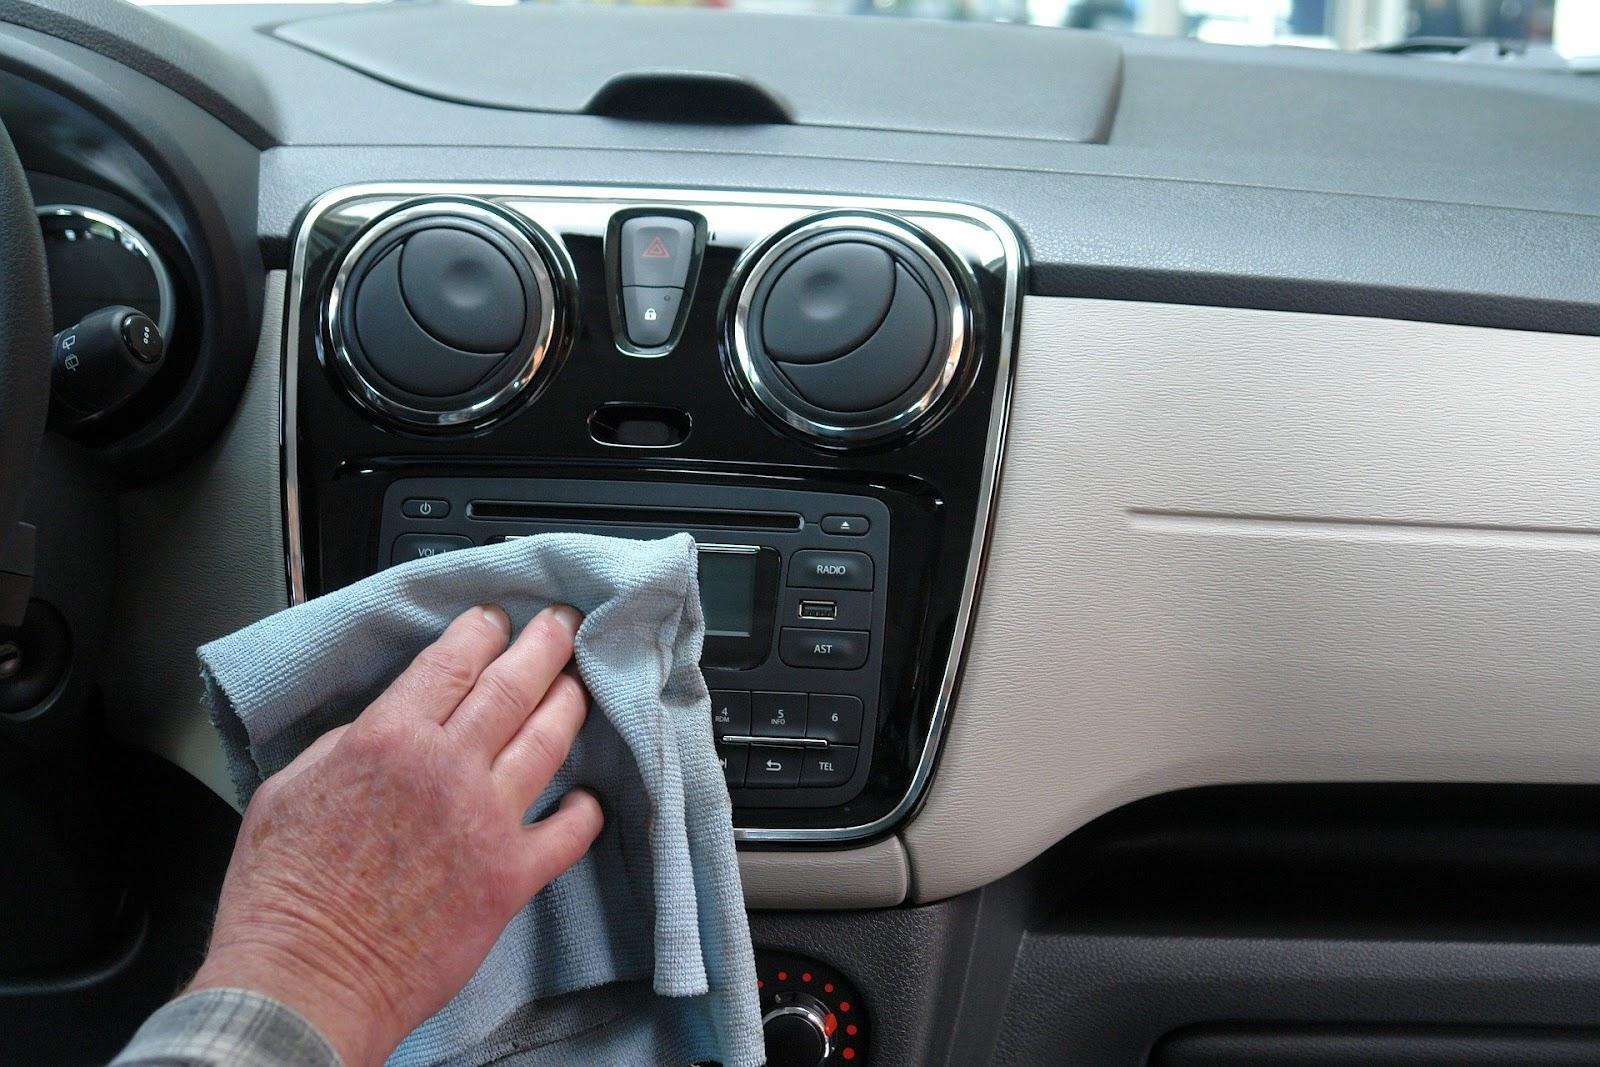 Uma mão limpando um rádio de um carro com uma toalha.